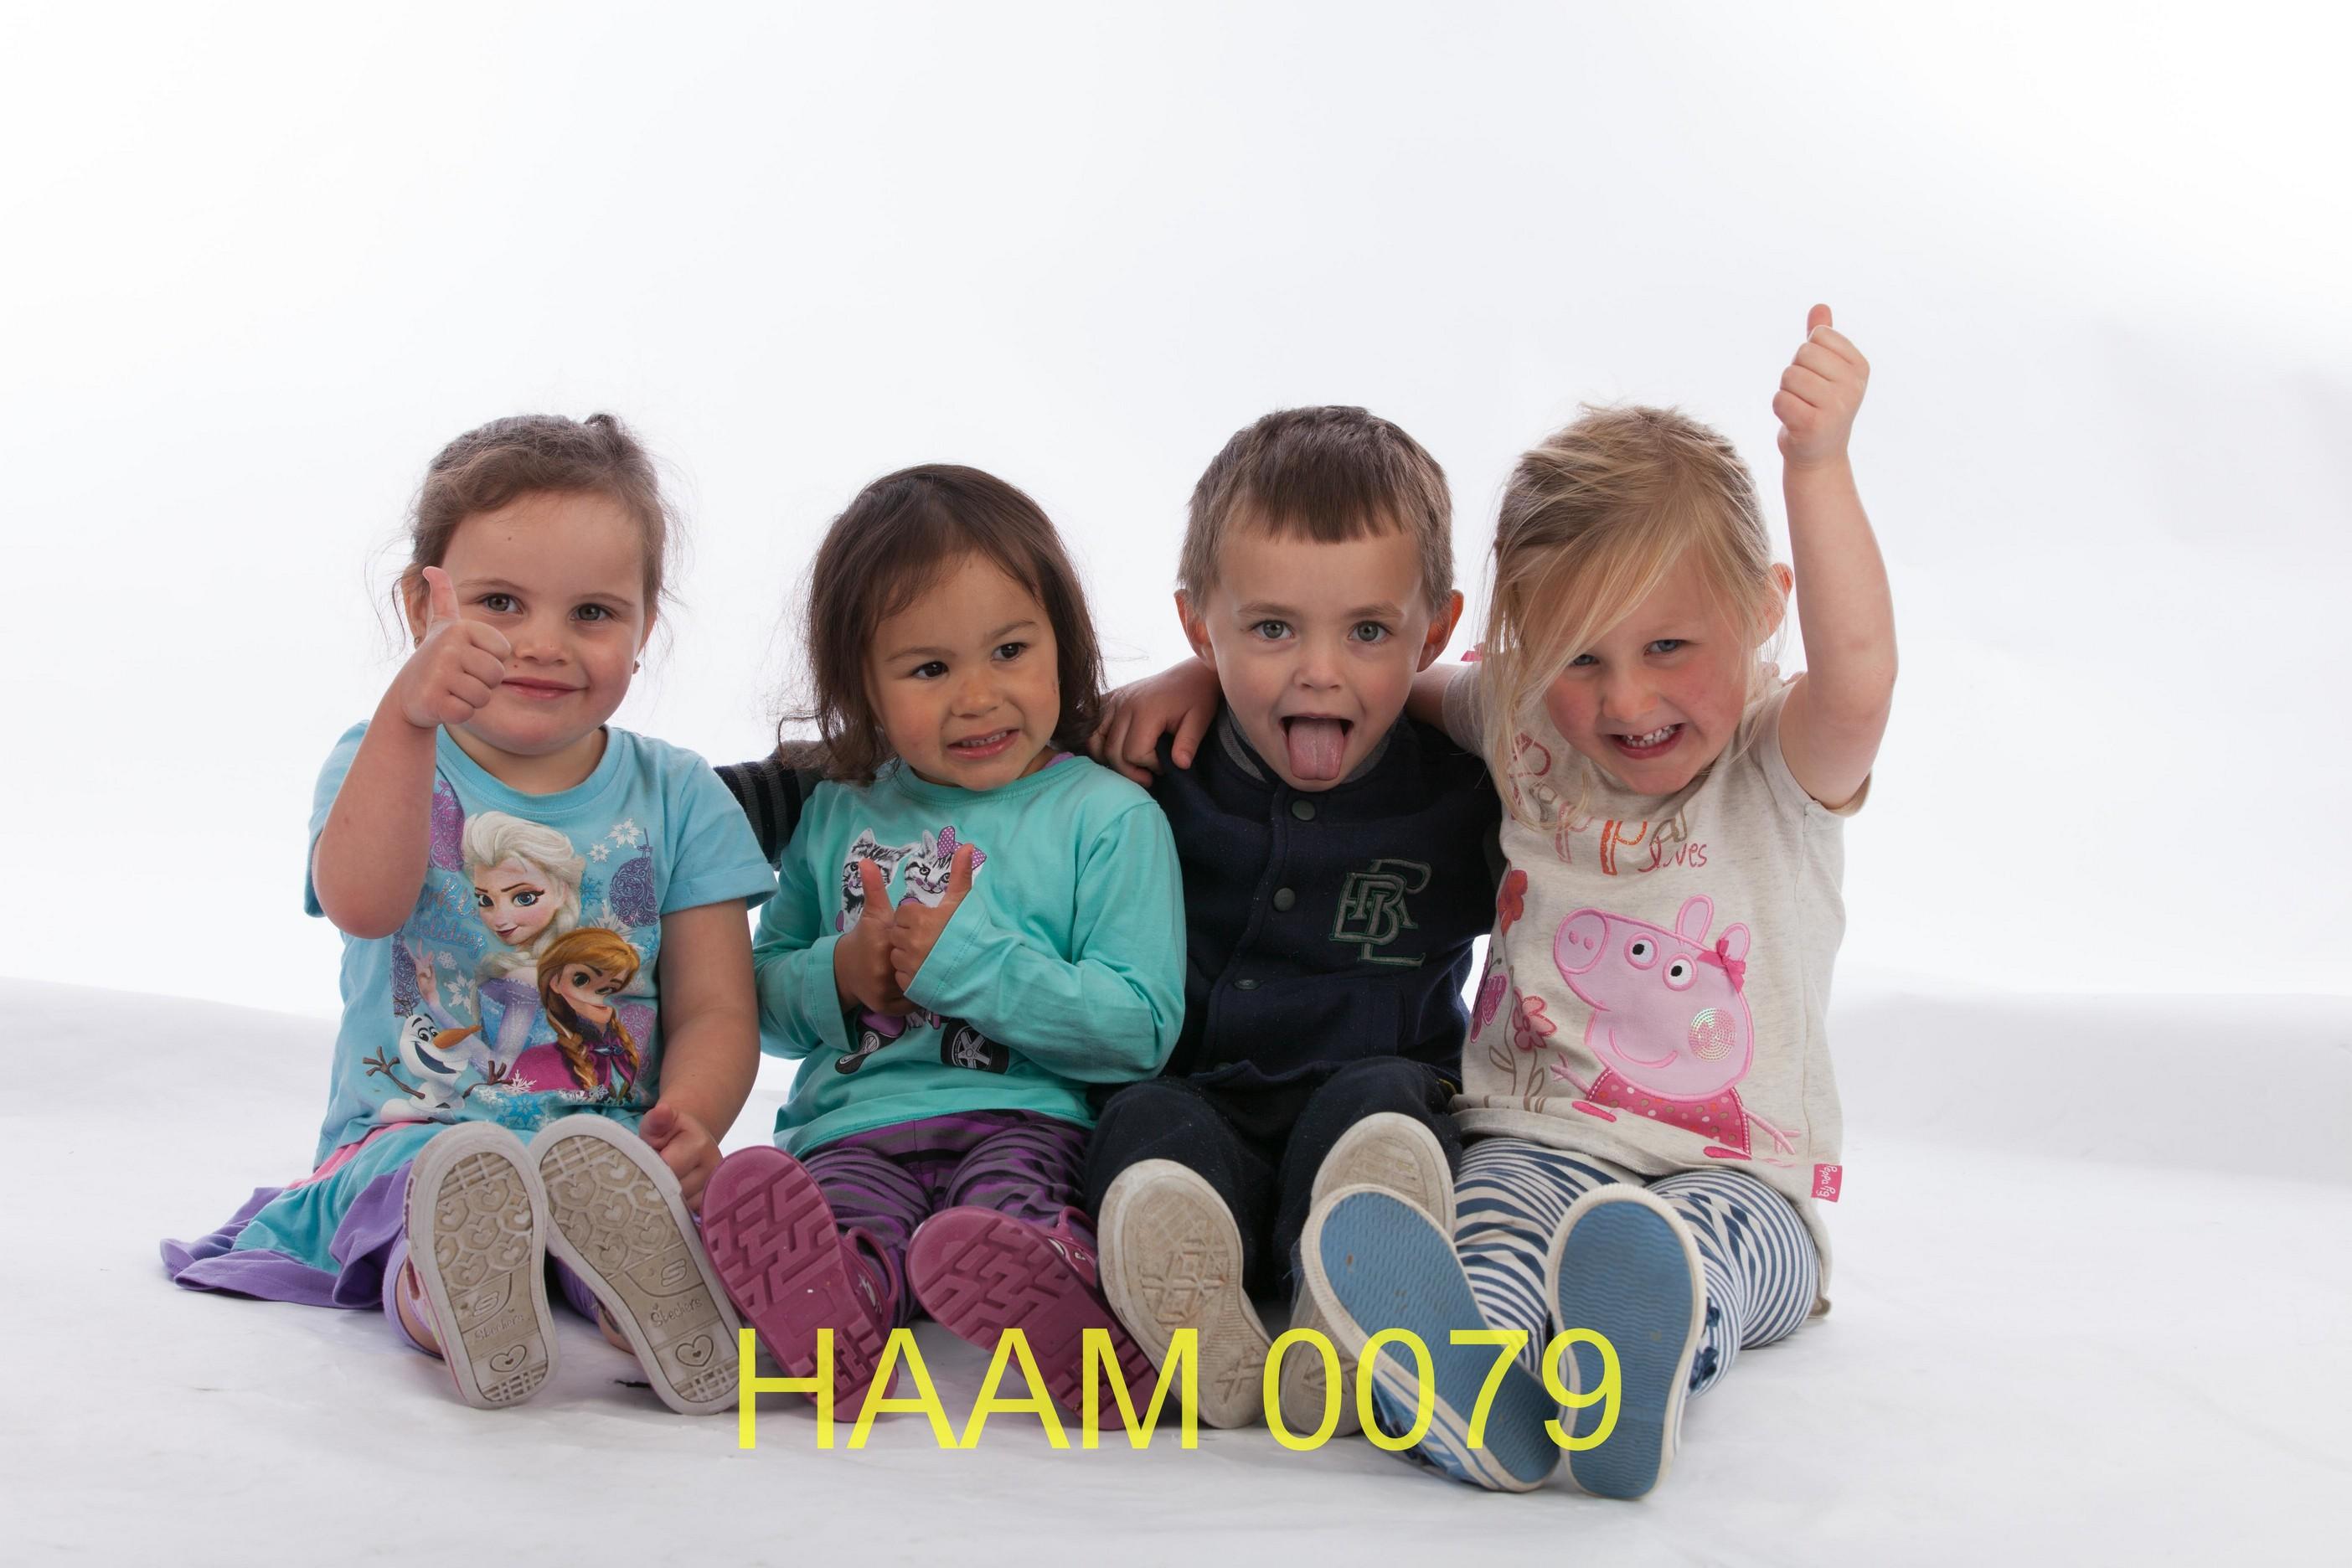 HAAM 0079